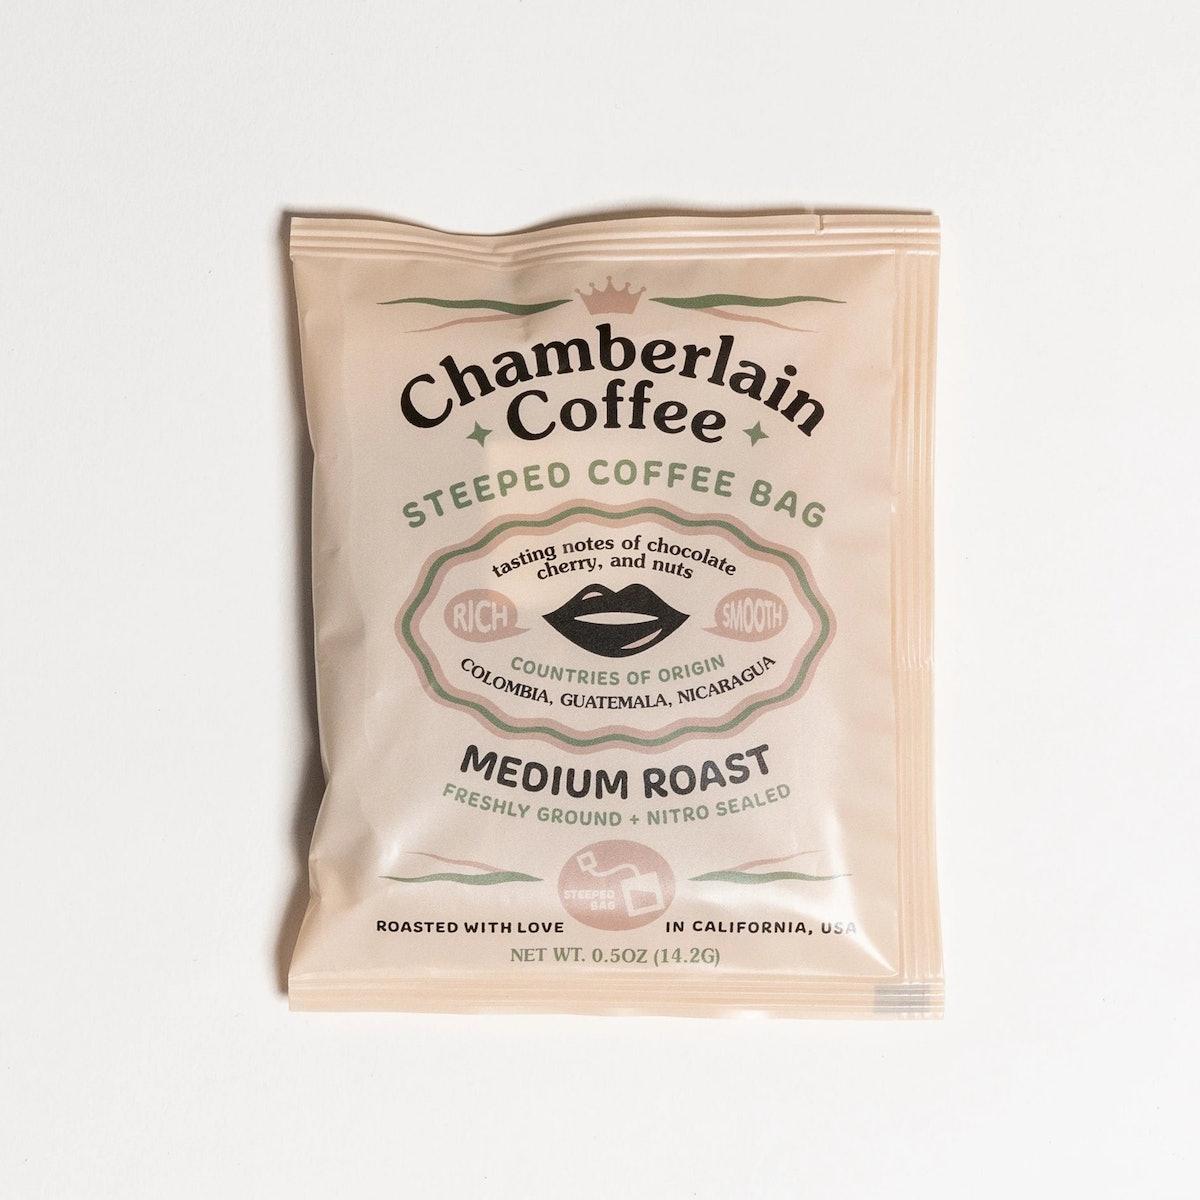 Chamberlain Steeped Coffee Bags